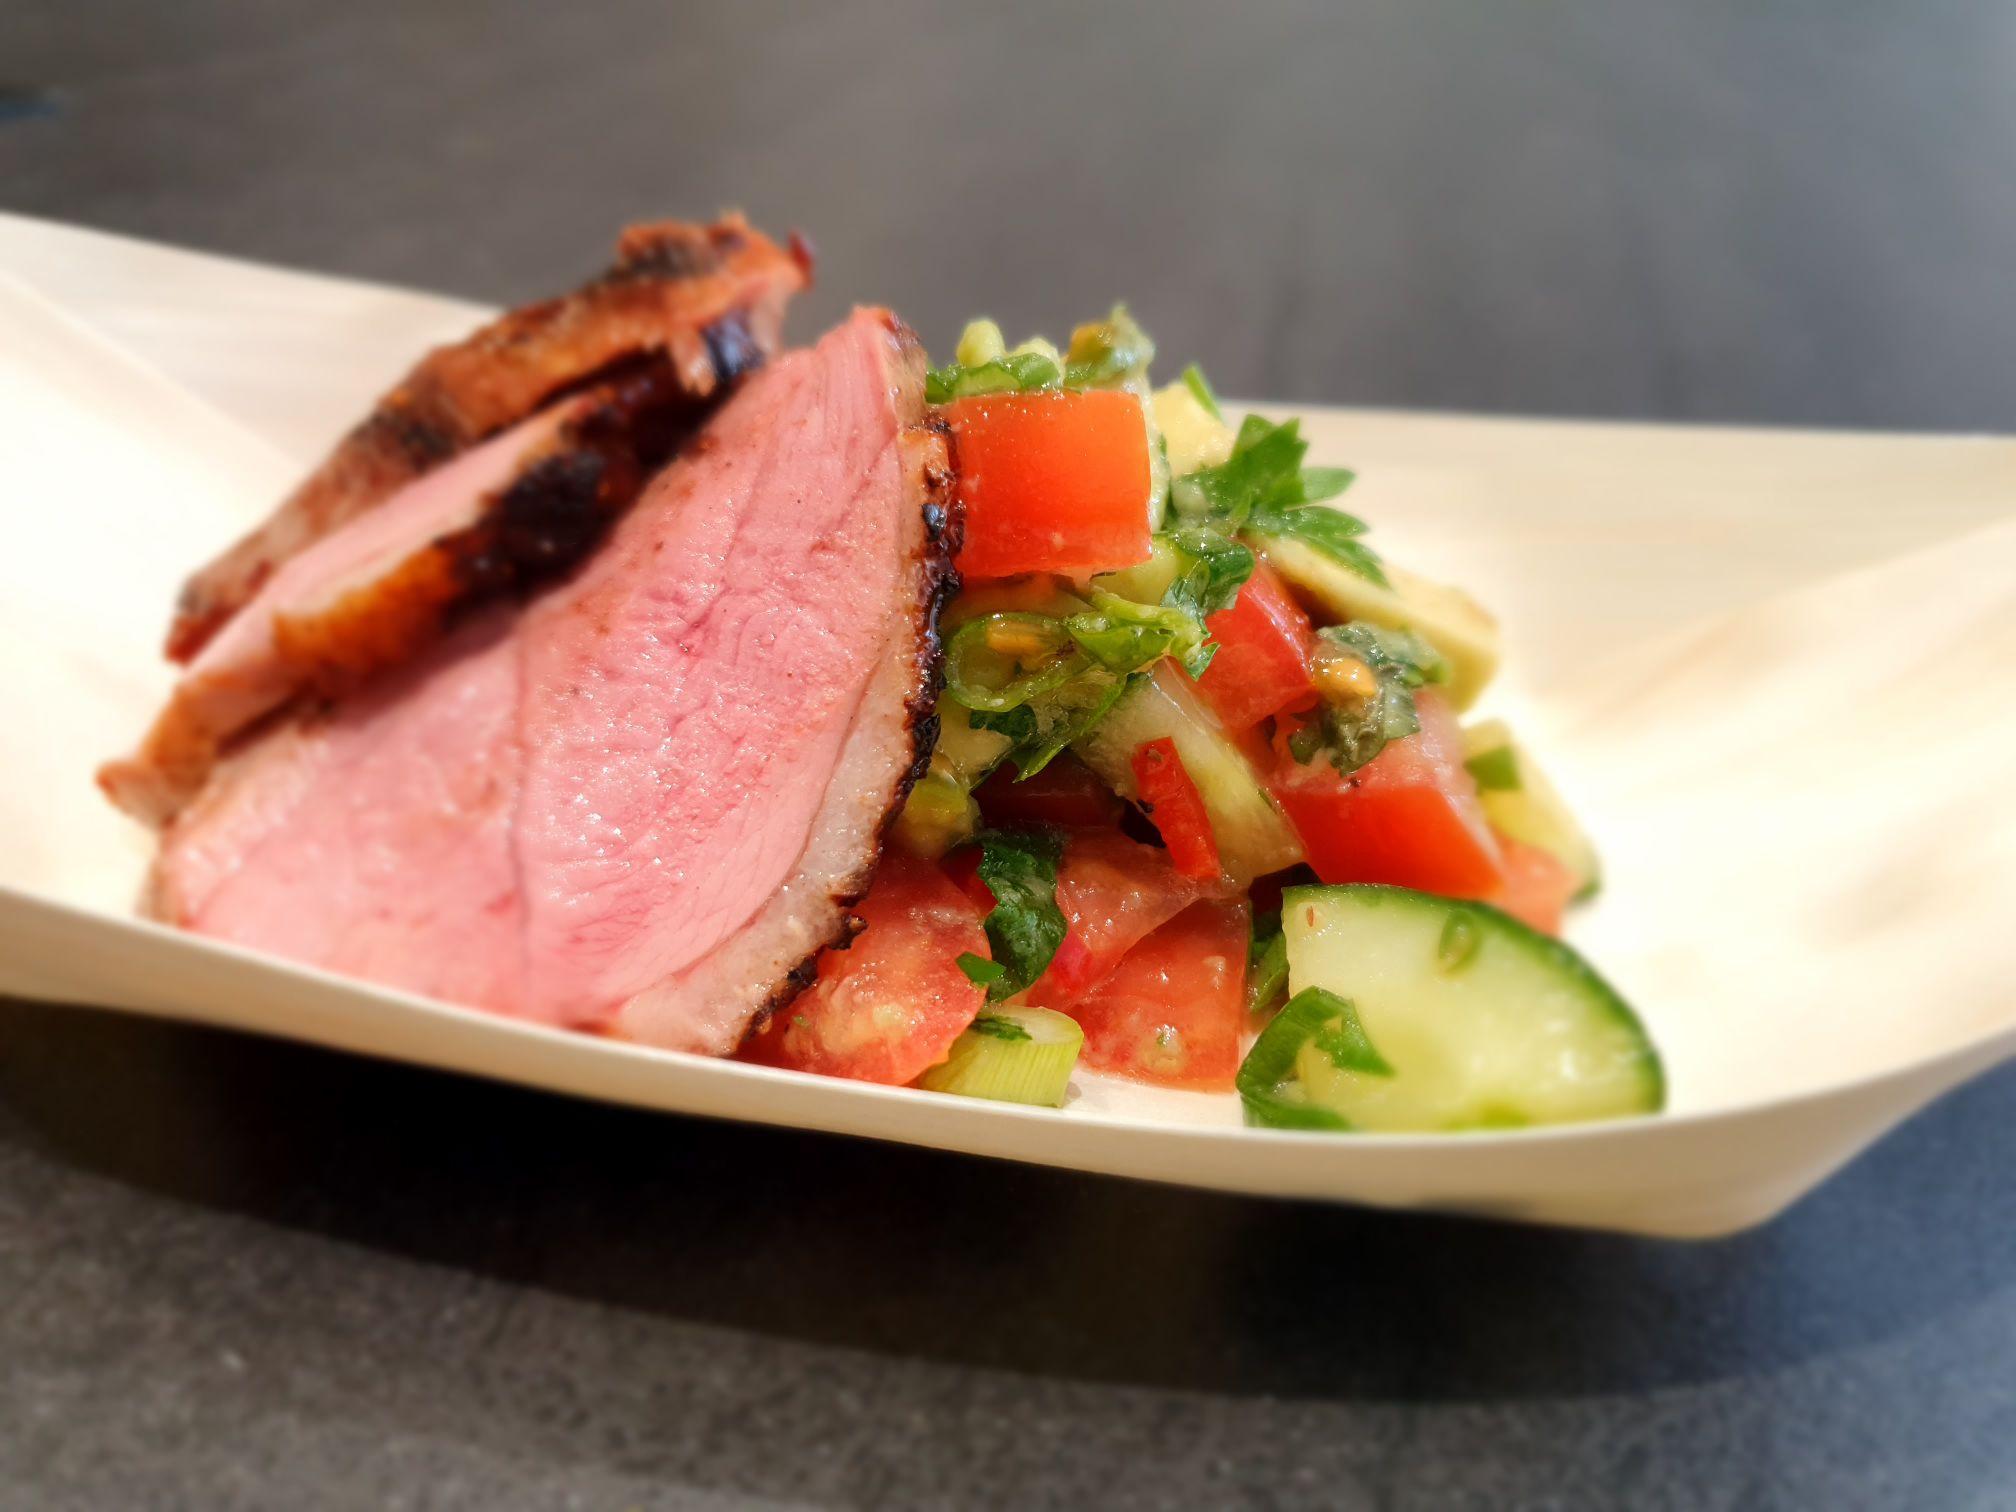 Rosé kacsamell avókádó salátával Broil King Imperial gázgrillen